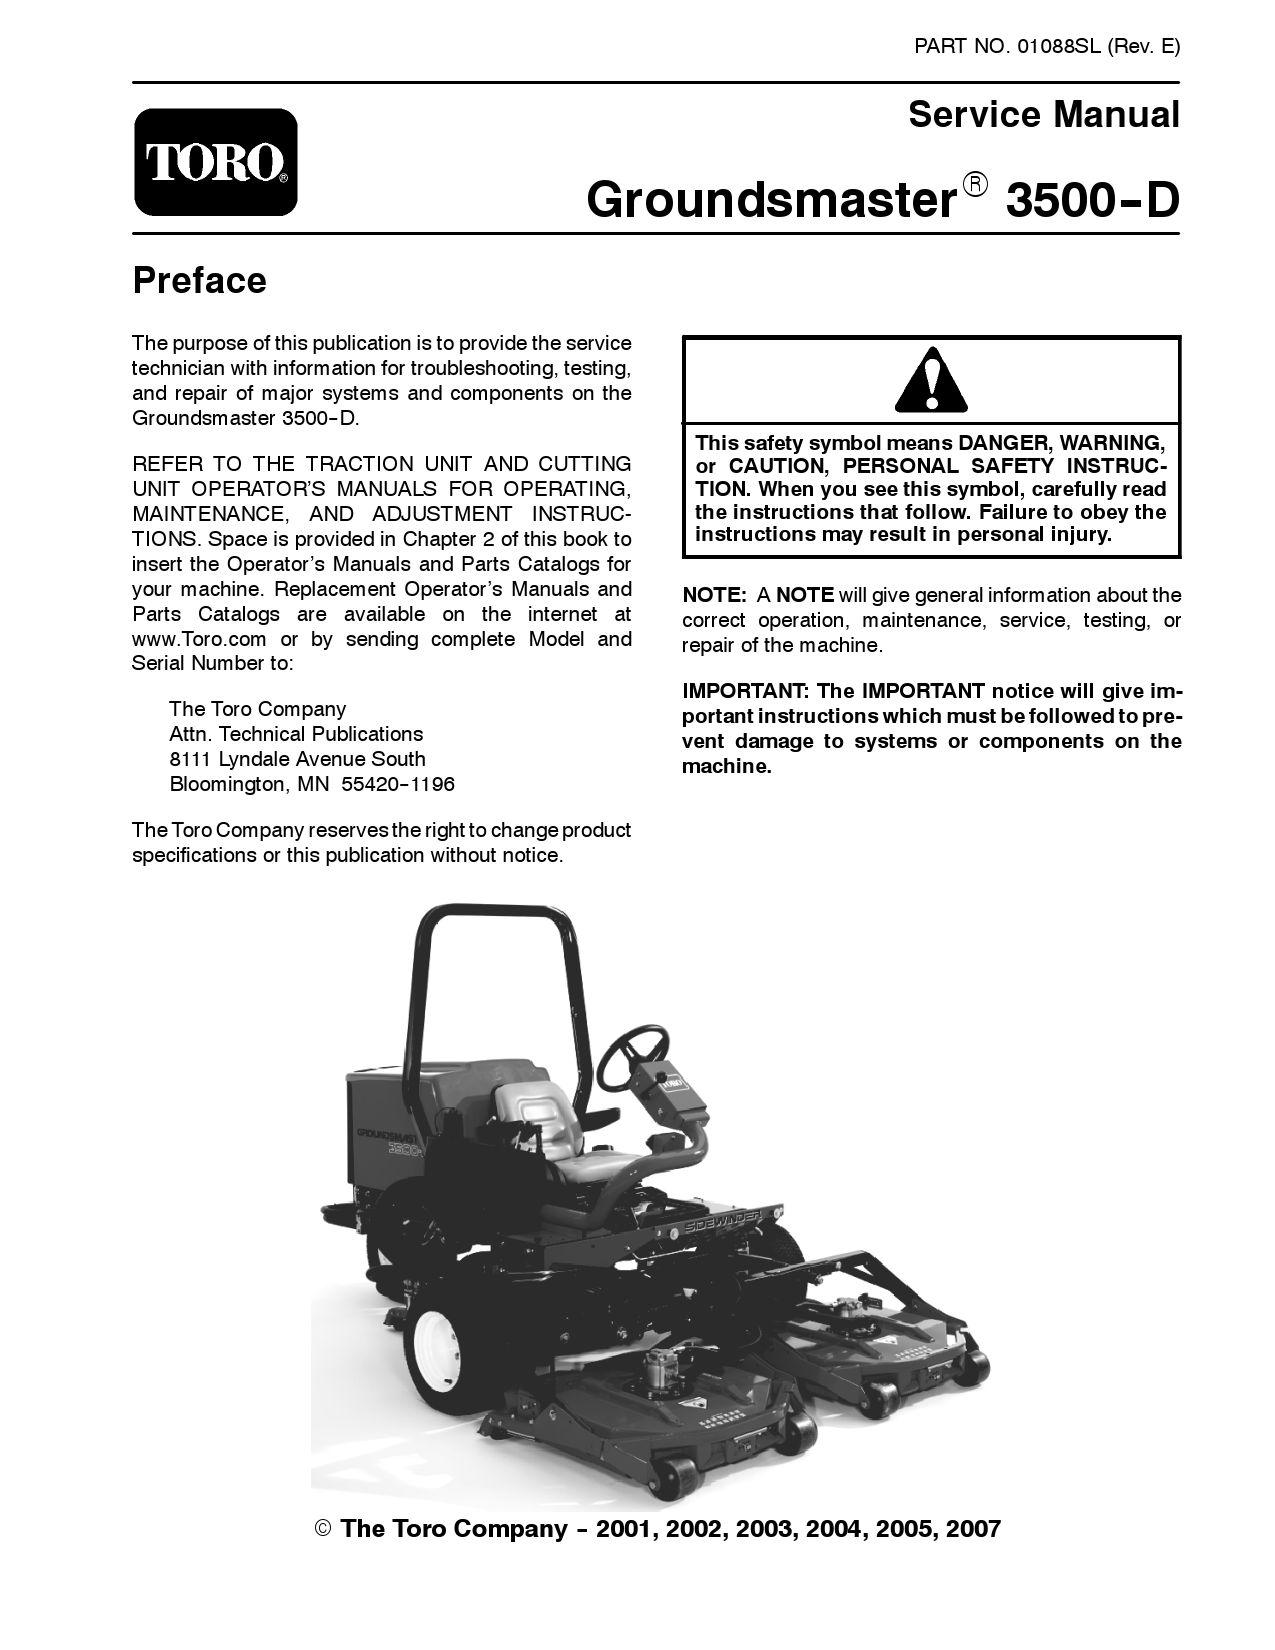 01088sl.pdf Groundsmaster 3500-D (Rev E) Dec, 2007 by negimachi negimachi -  issuu